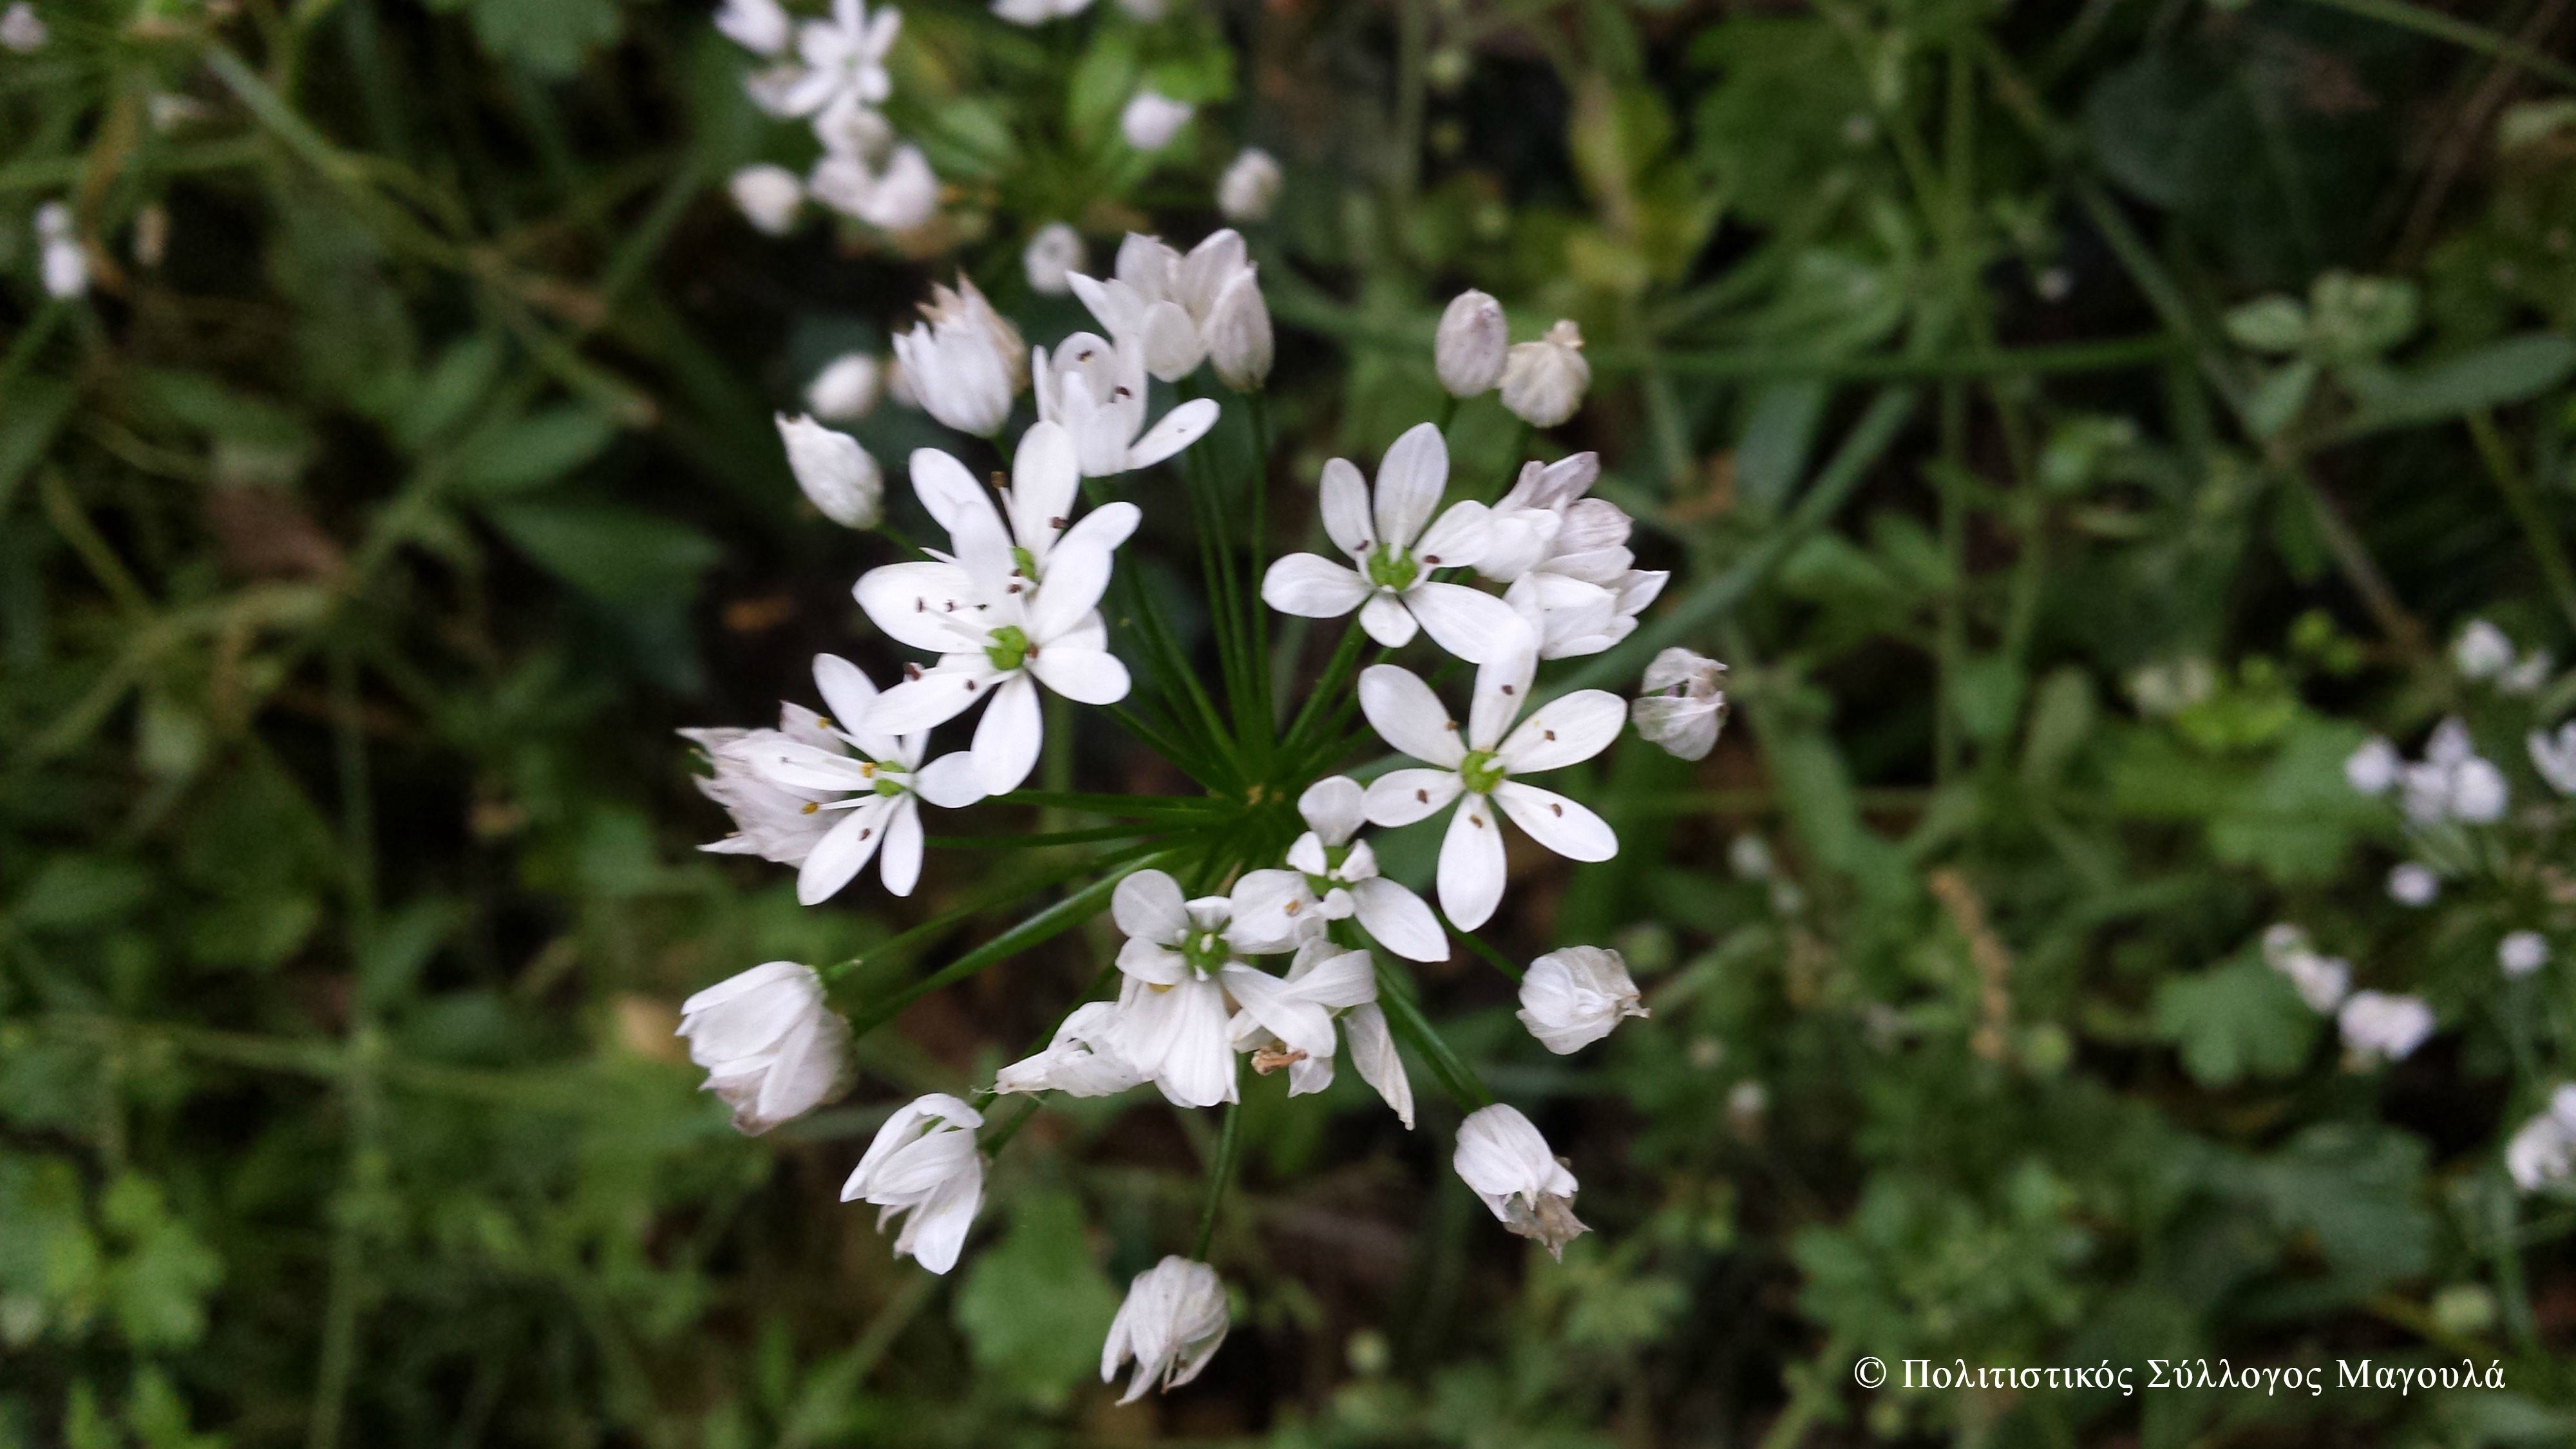 Λουλούδια του νερόμυλου- Flowers of the watermill